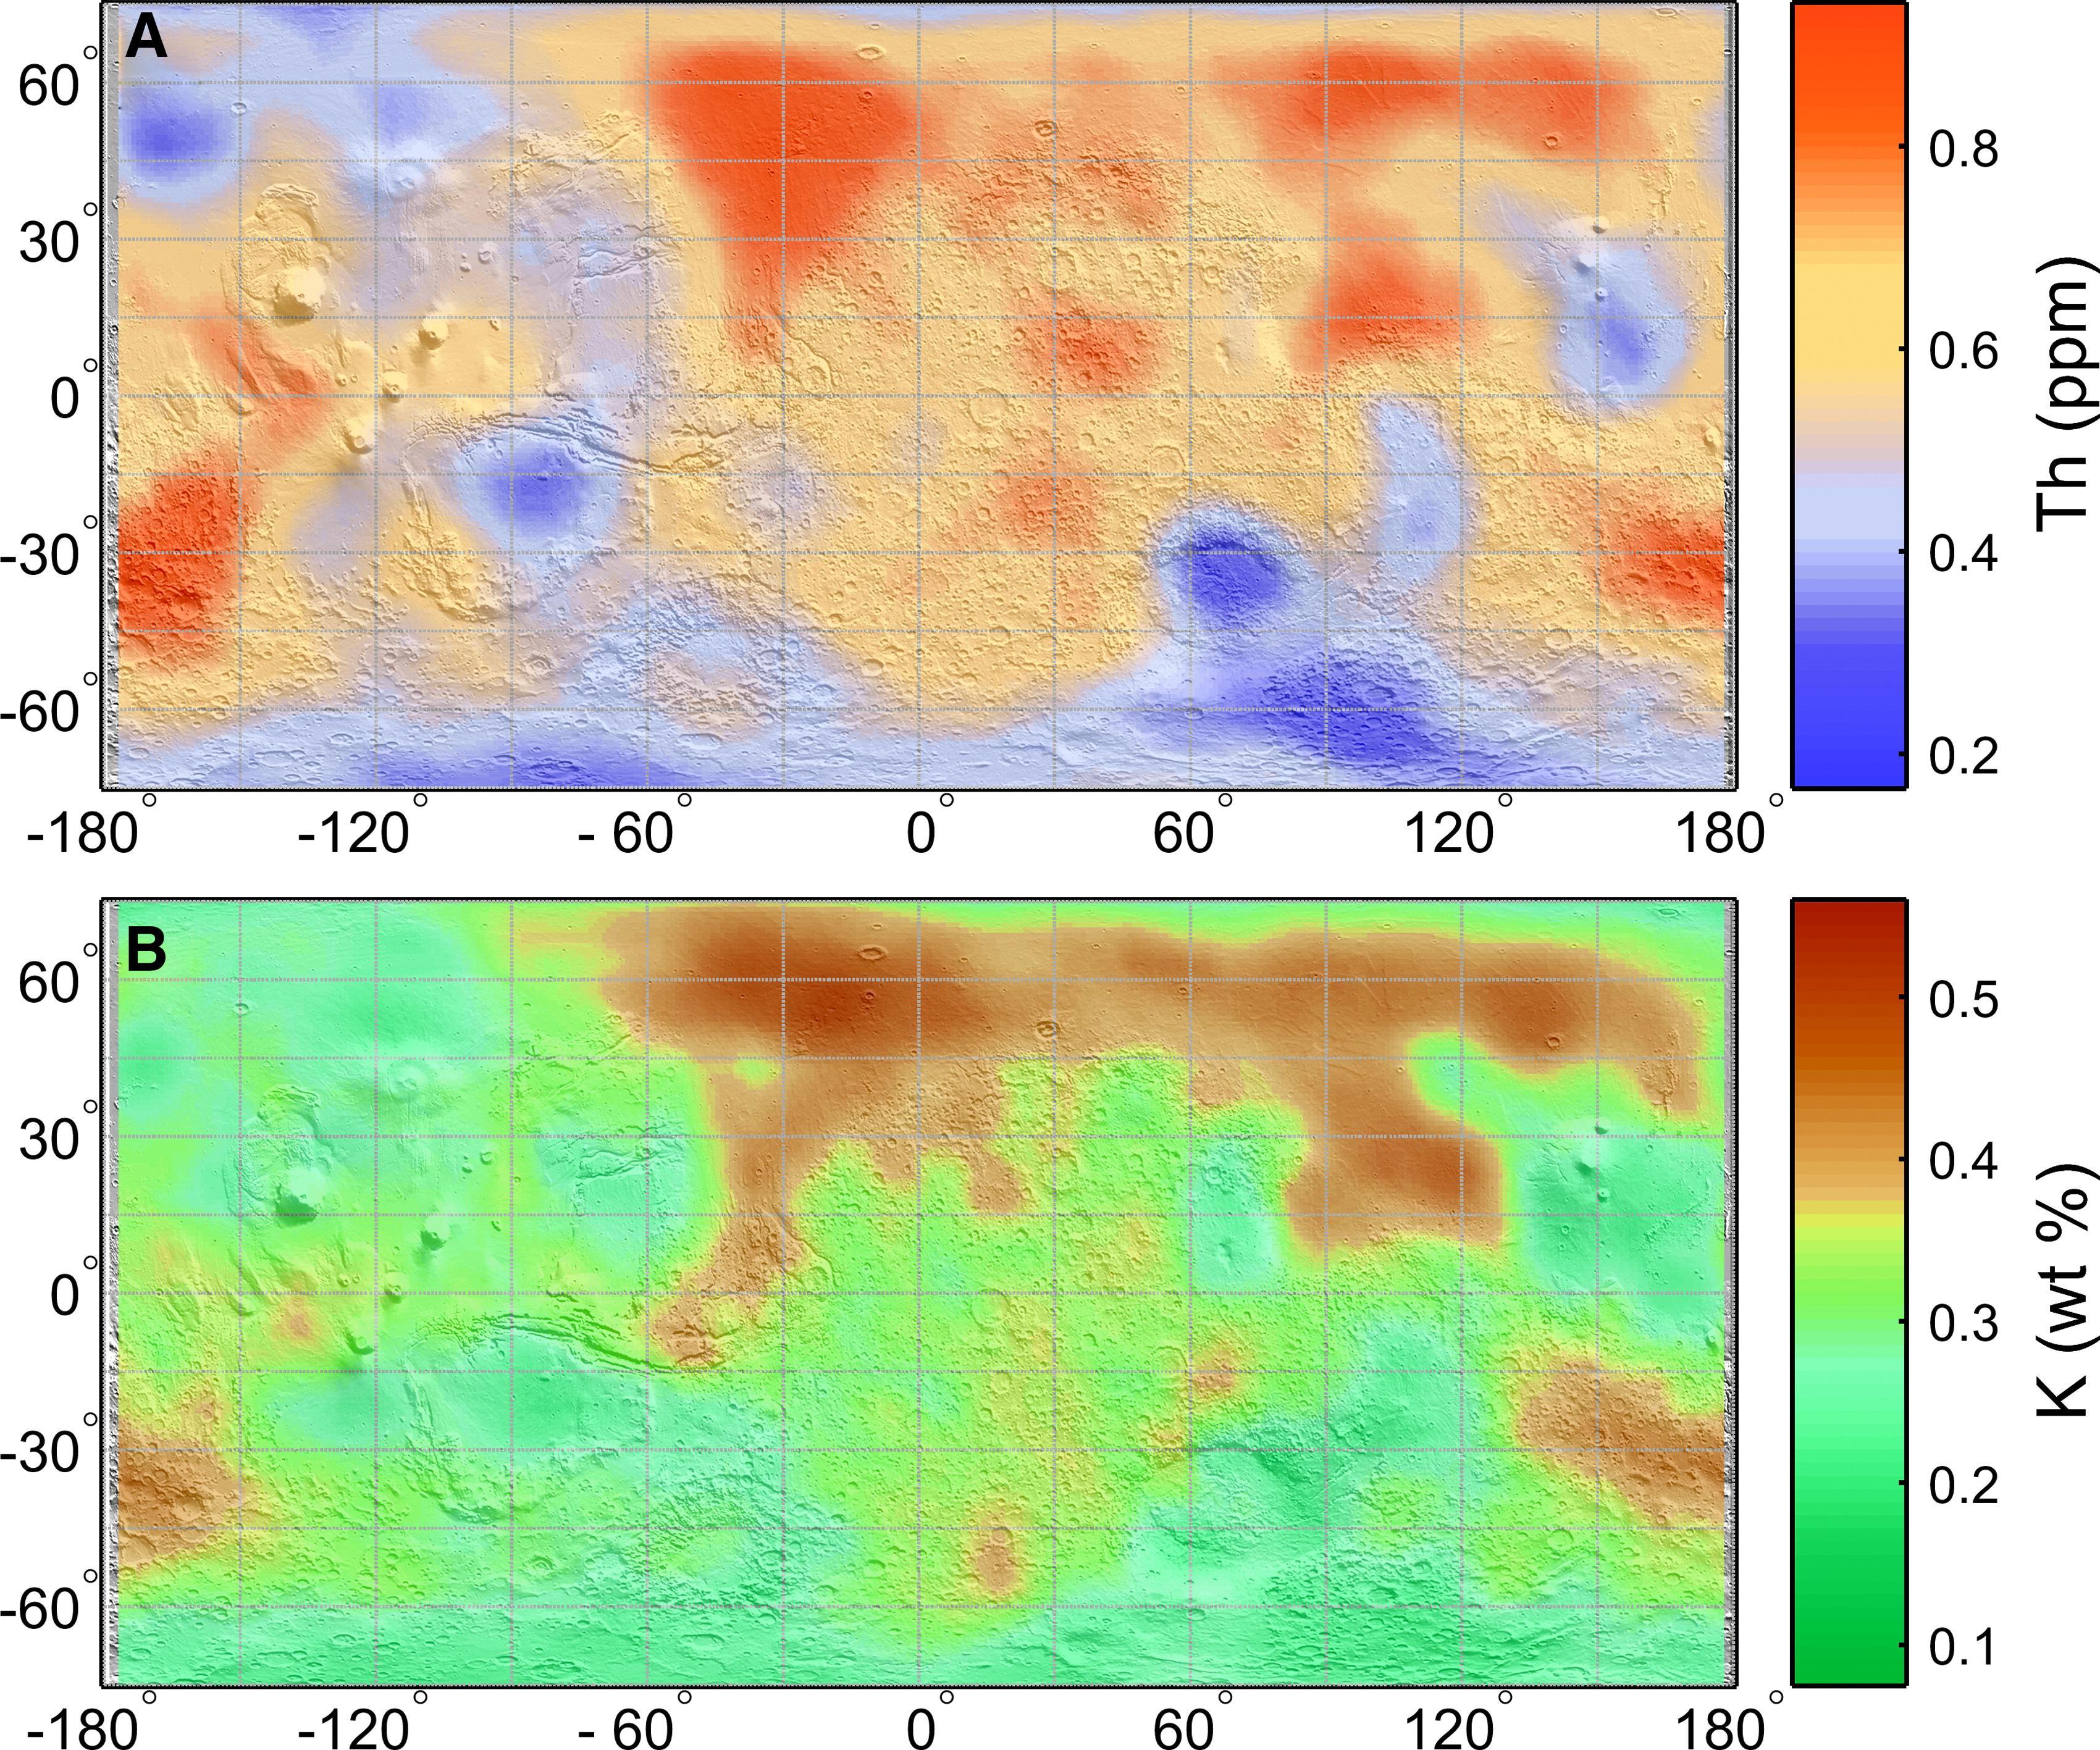 Условия на древнем Марсе могли быть благоприятными для подземных бактерий